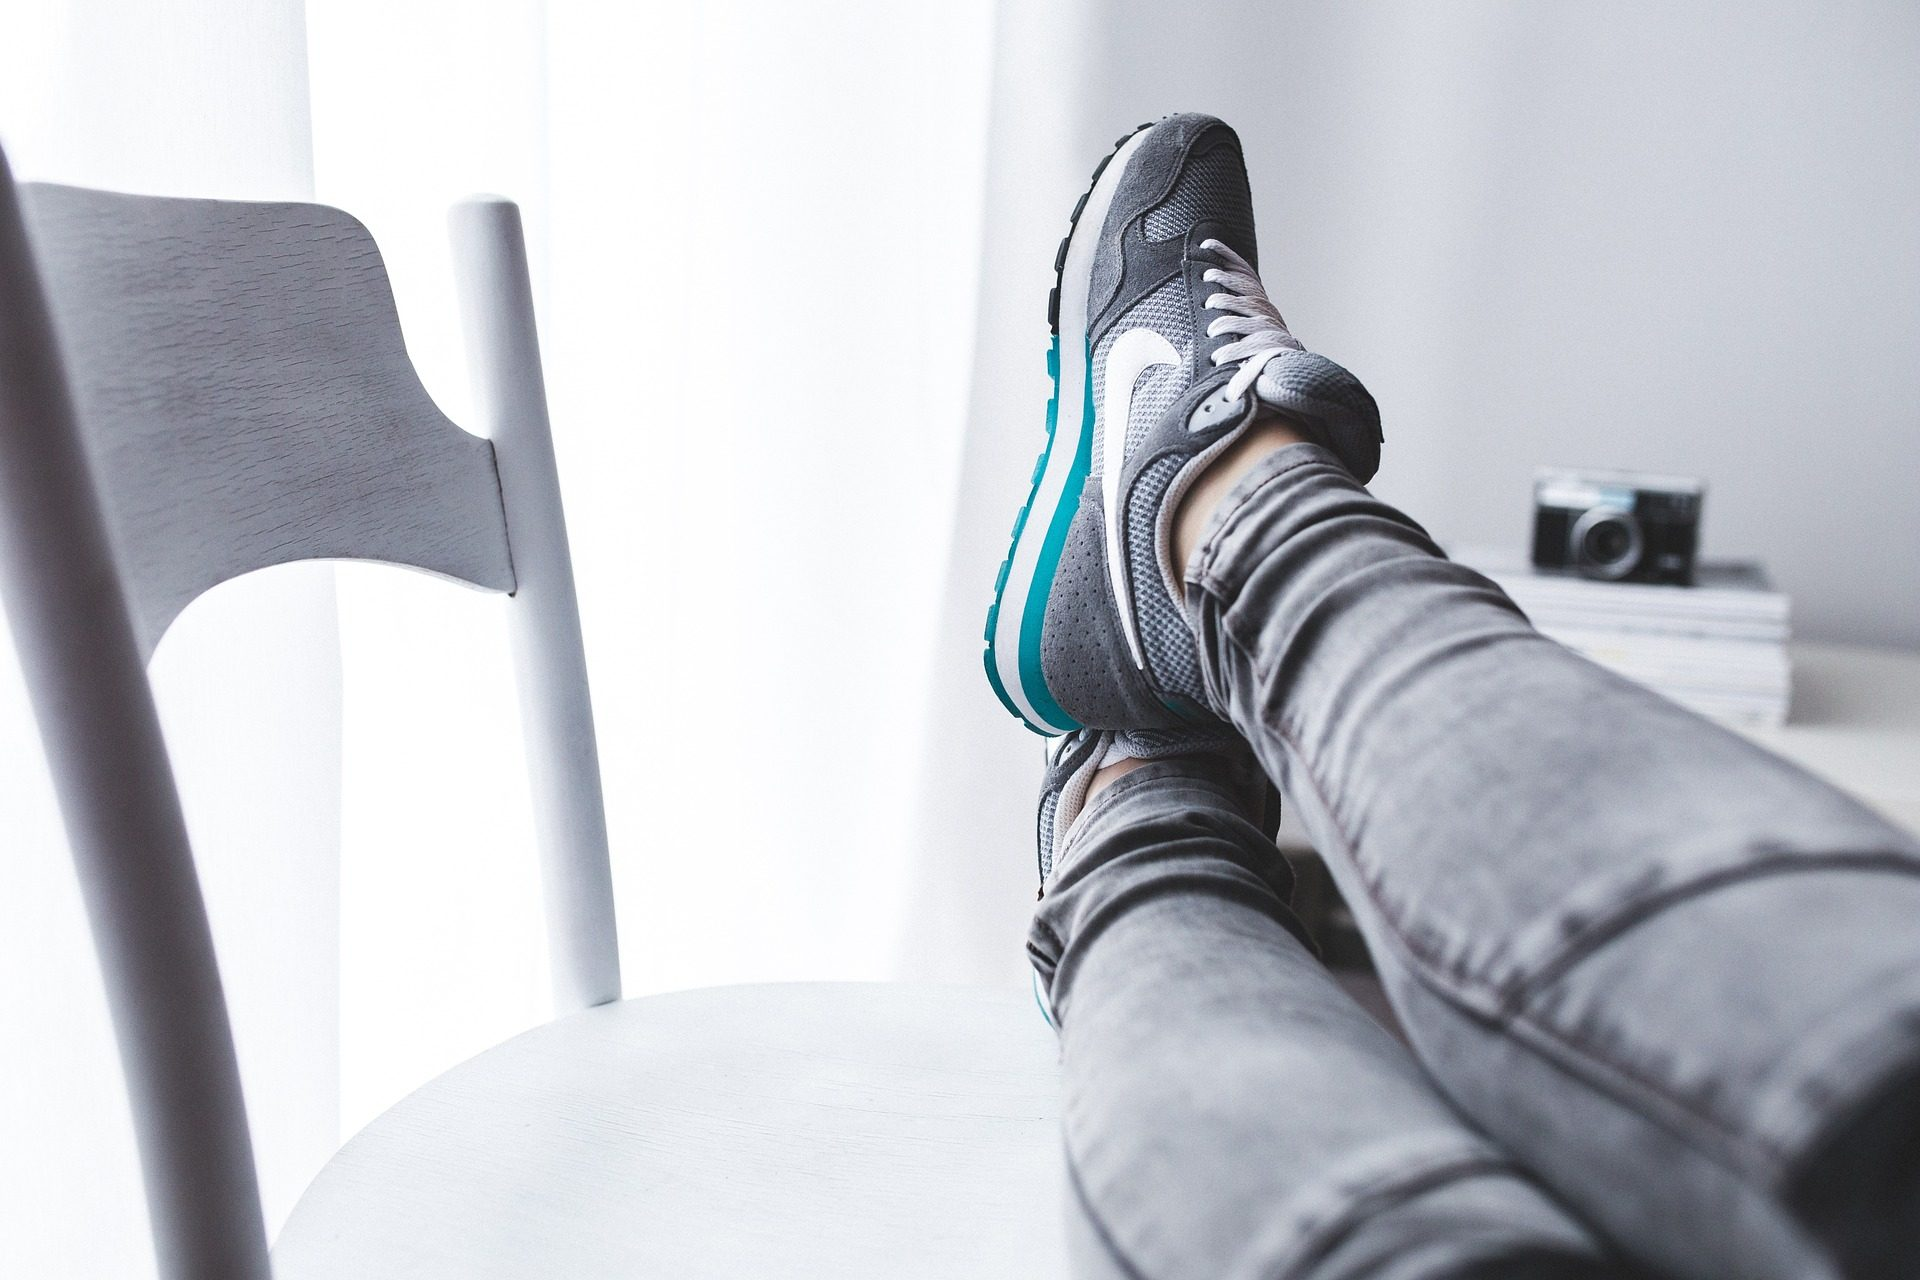 双腿, 拖鞋, 体育, 椅子, 休息, 放松 - 高清壁纸 - 教授-falken.com